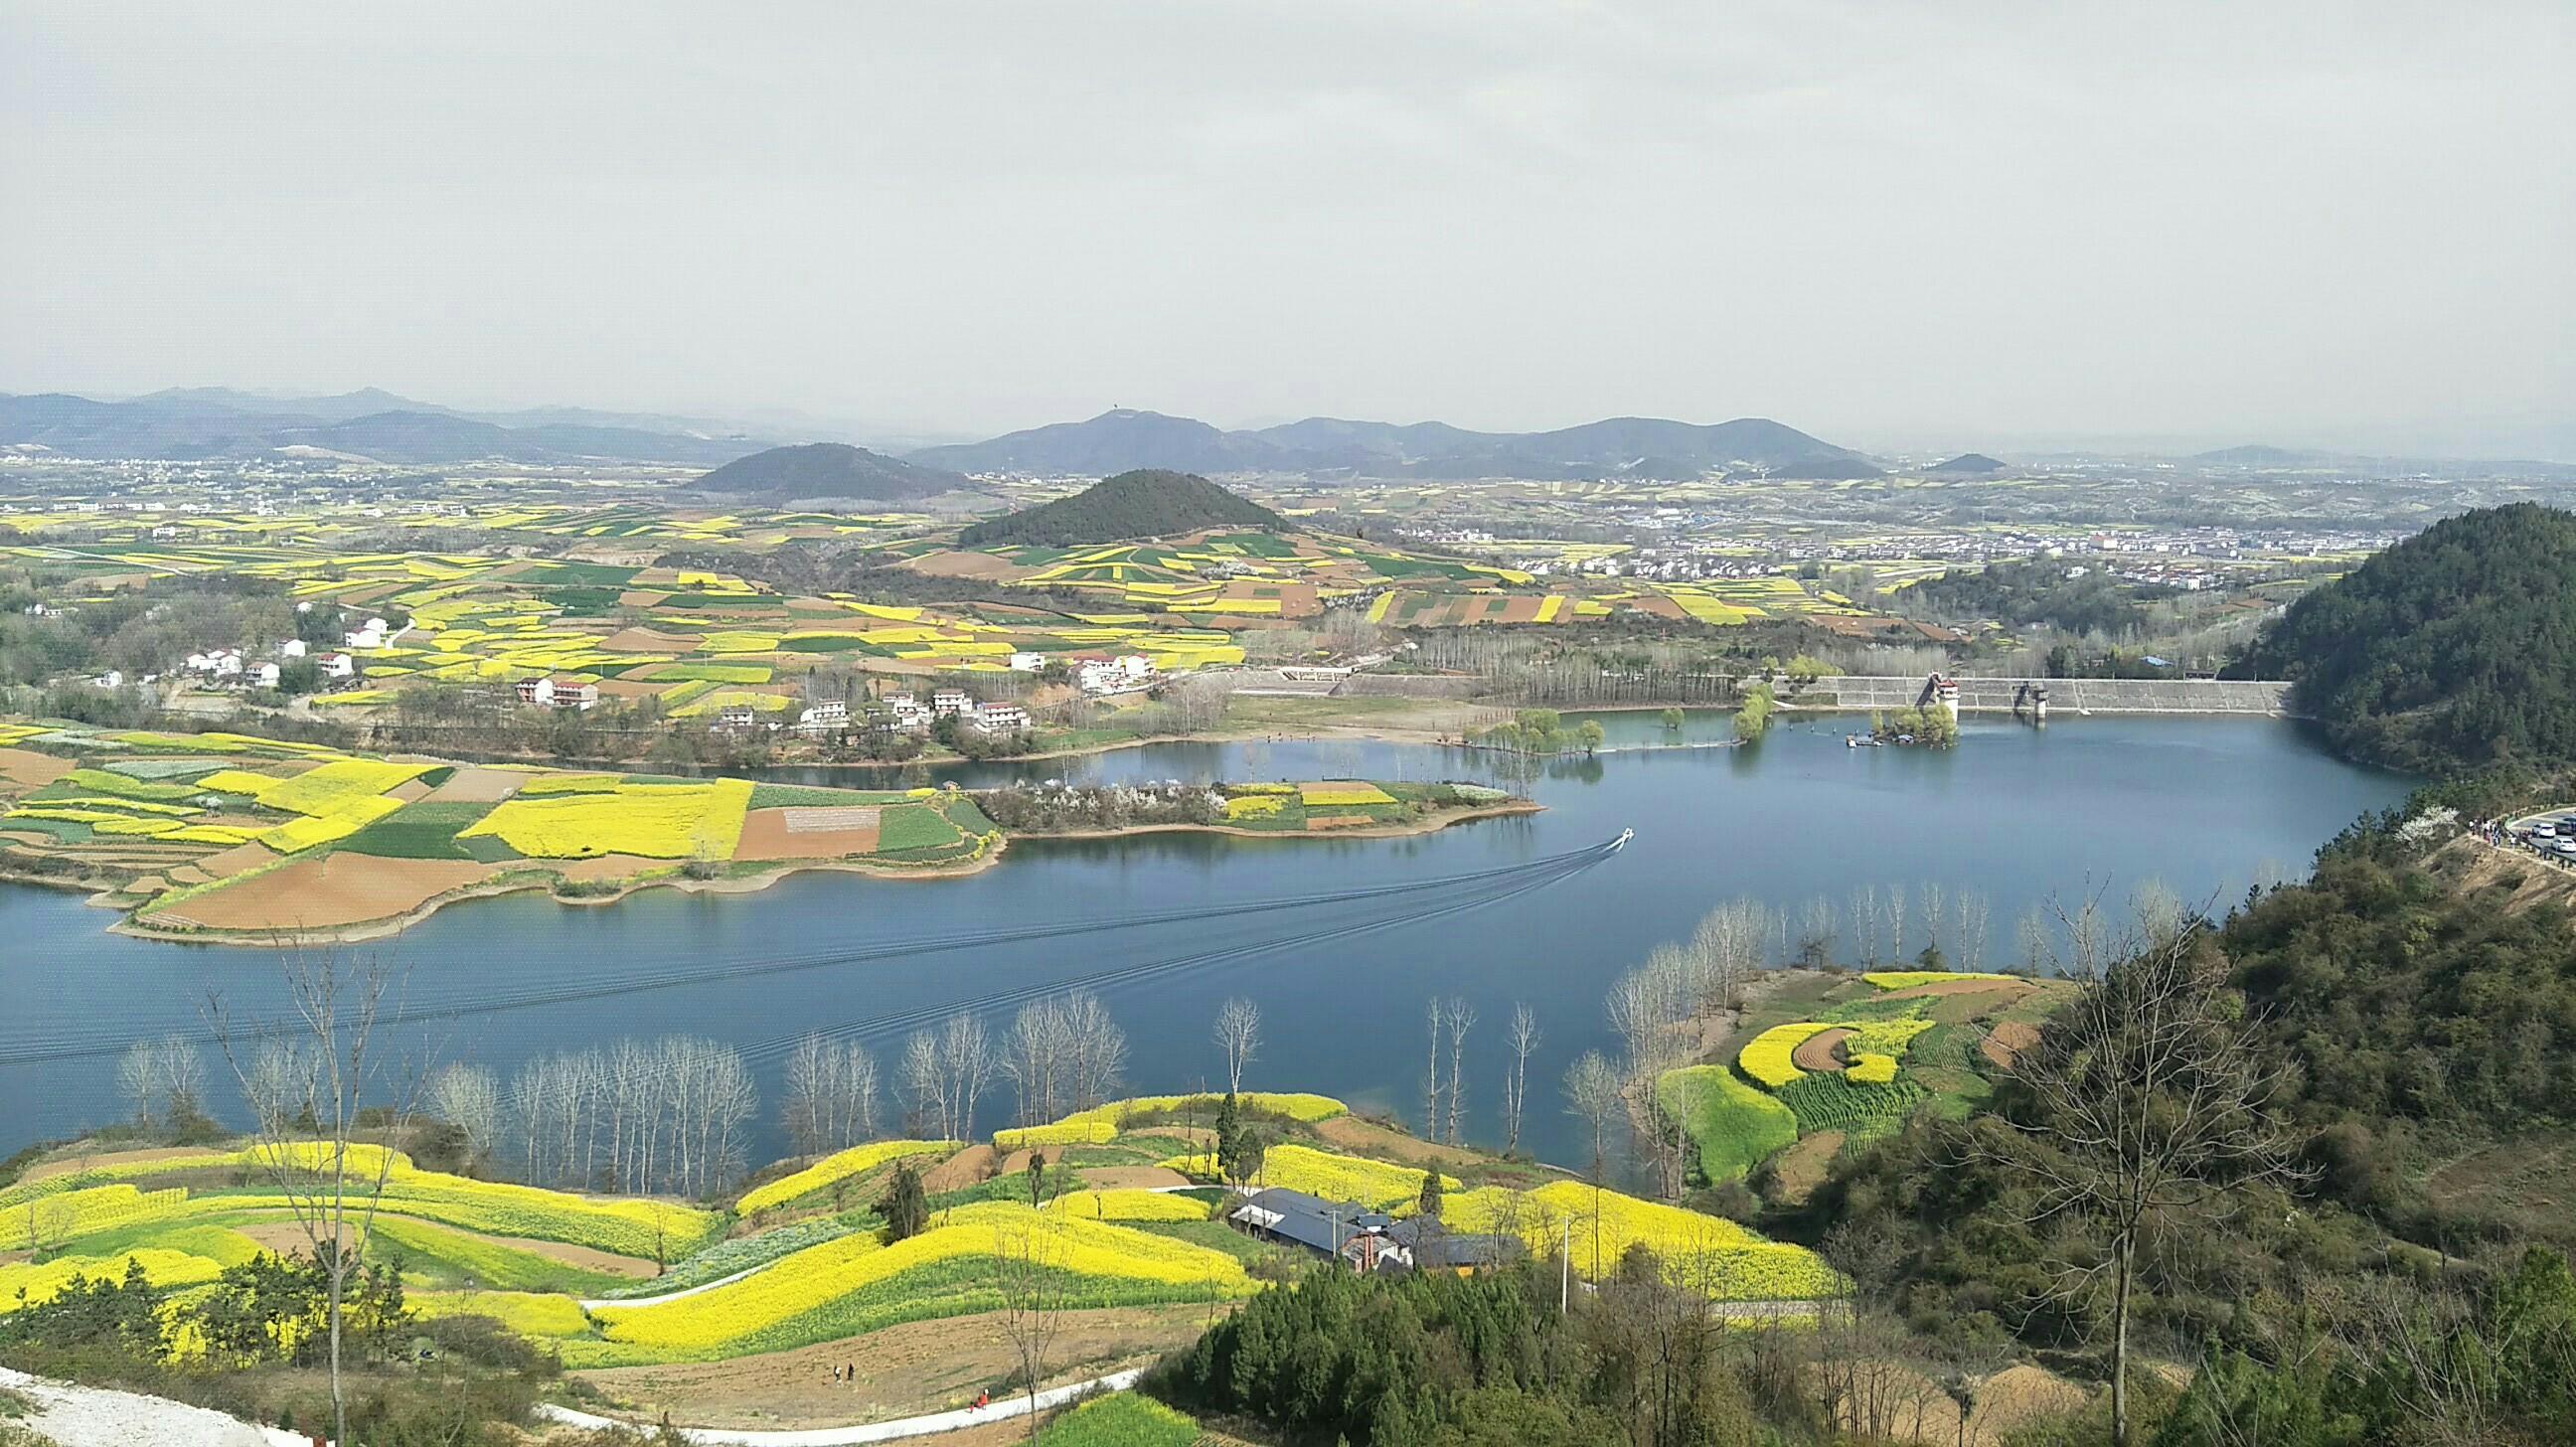 美丽小江南好风景.